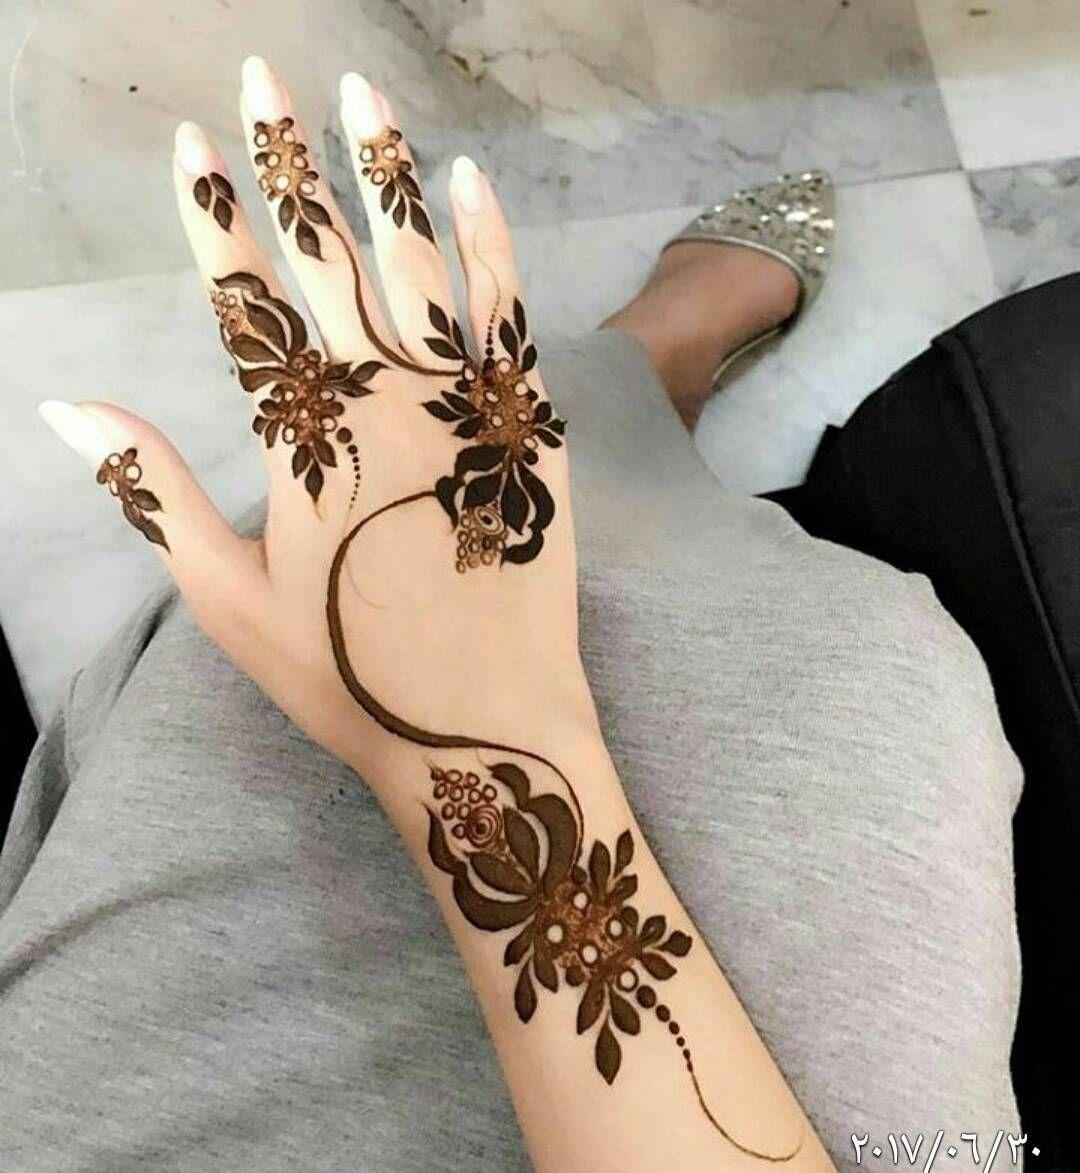 الله یسعدمن حط لایک اكتب شی تؤجر علیه شرایکم بالنقش بنات عندها مسابقات اسبوعية جوايزها كله ذهب Henna Designs Hand Henna Designs Henna Art Designs